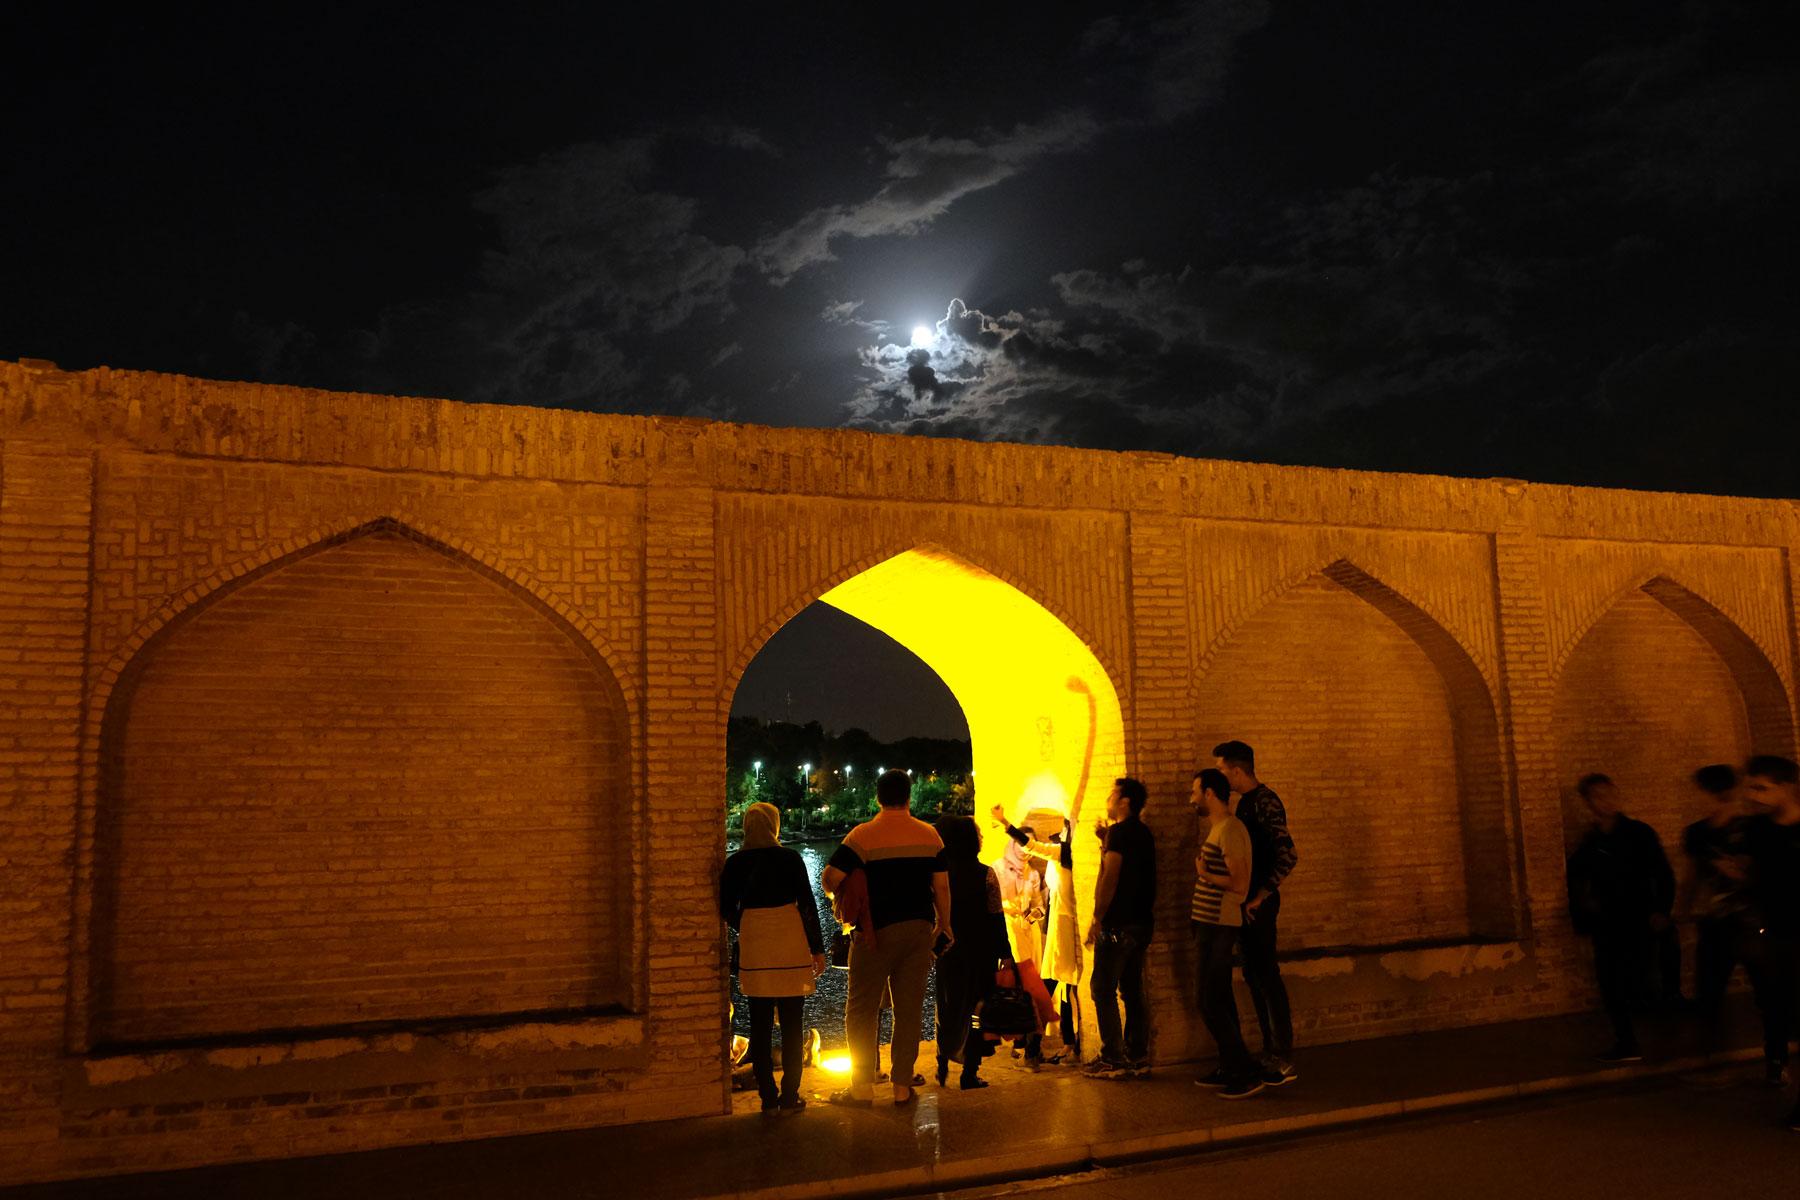 Menschen stehen im Abendlicht in einem Torbogen eine Mauer